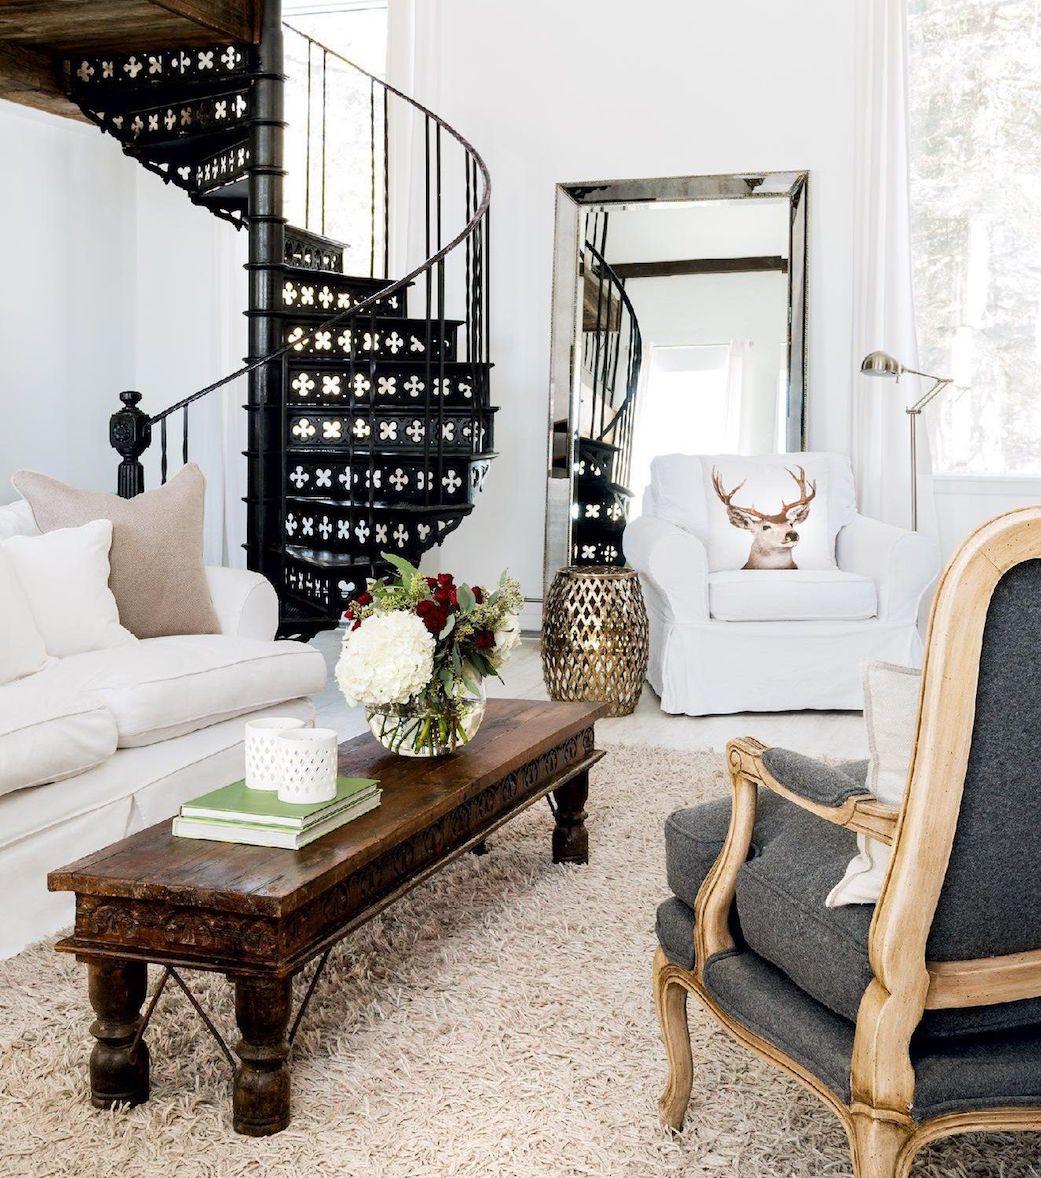 Контраст черного на фоне белого всегда выглядет современно, стильно и изящно